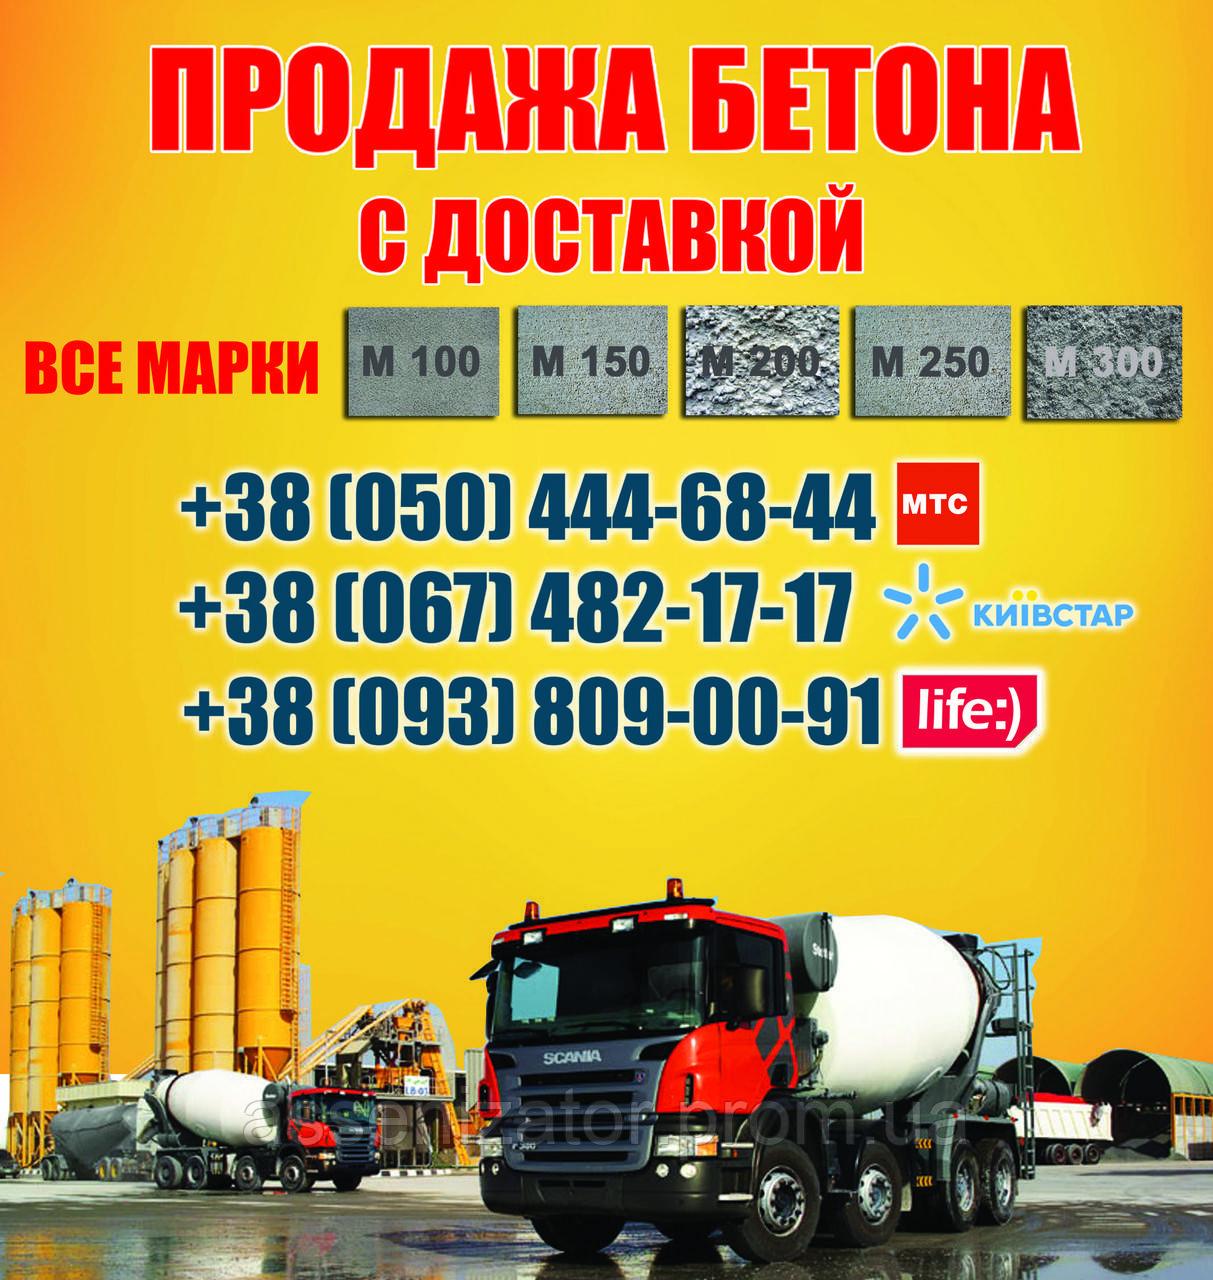 Купить бетон в краснотурьинске с доставкой купить пропитку для бетона в спб